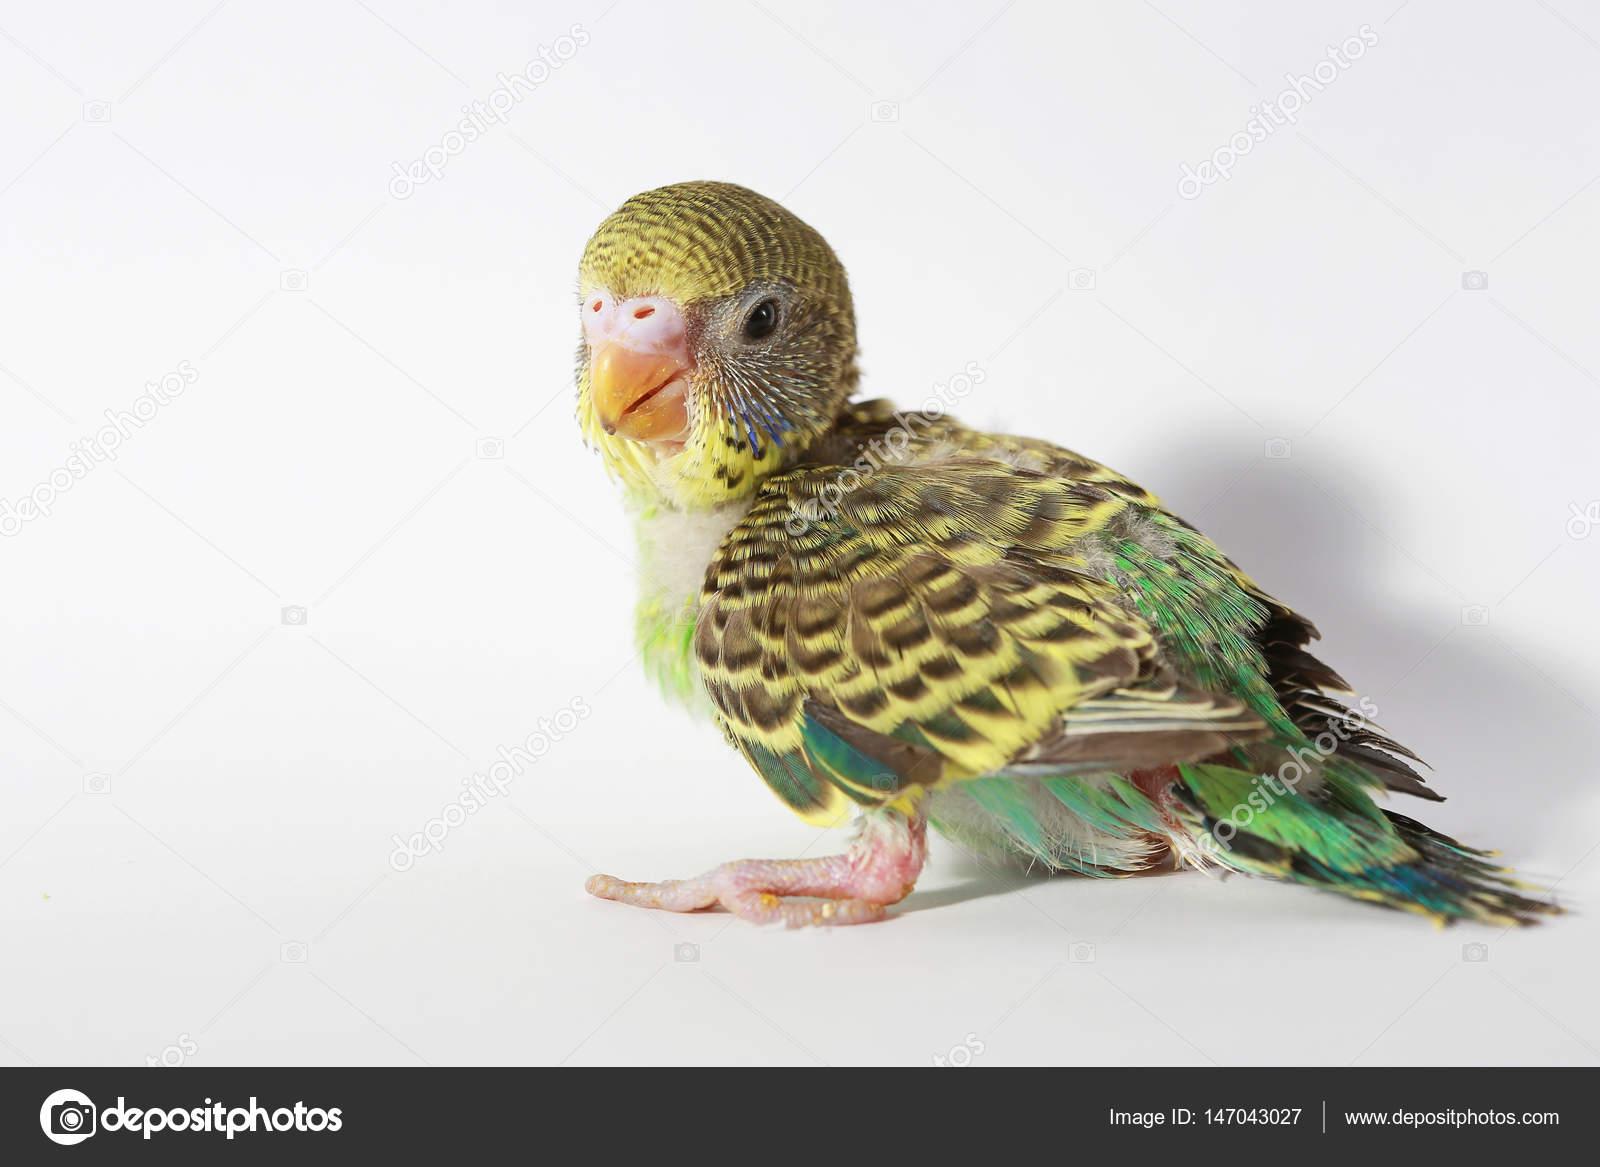 εικόνα μωρό με μεγάλο πουλί άγριο μουνί κανάλι